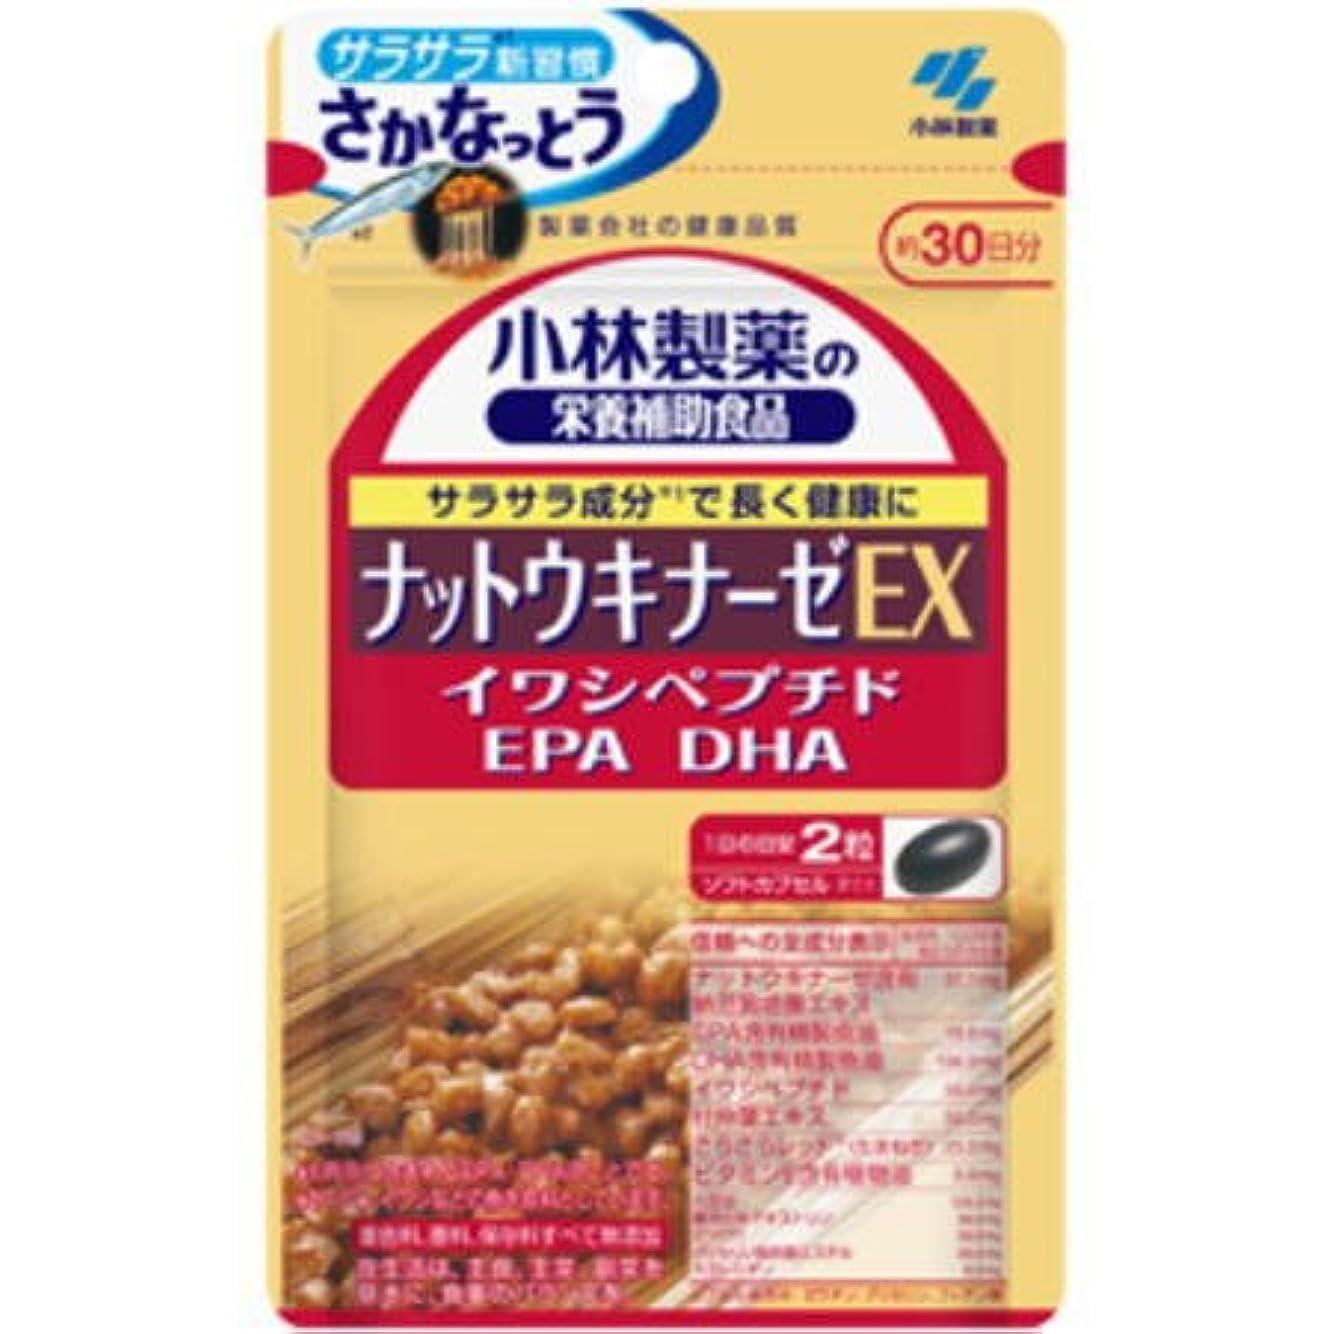 レンチヒギンズ田舎小林製薬 ナットウキナーゼ EX 60粒×6個セット